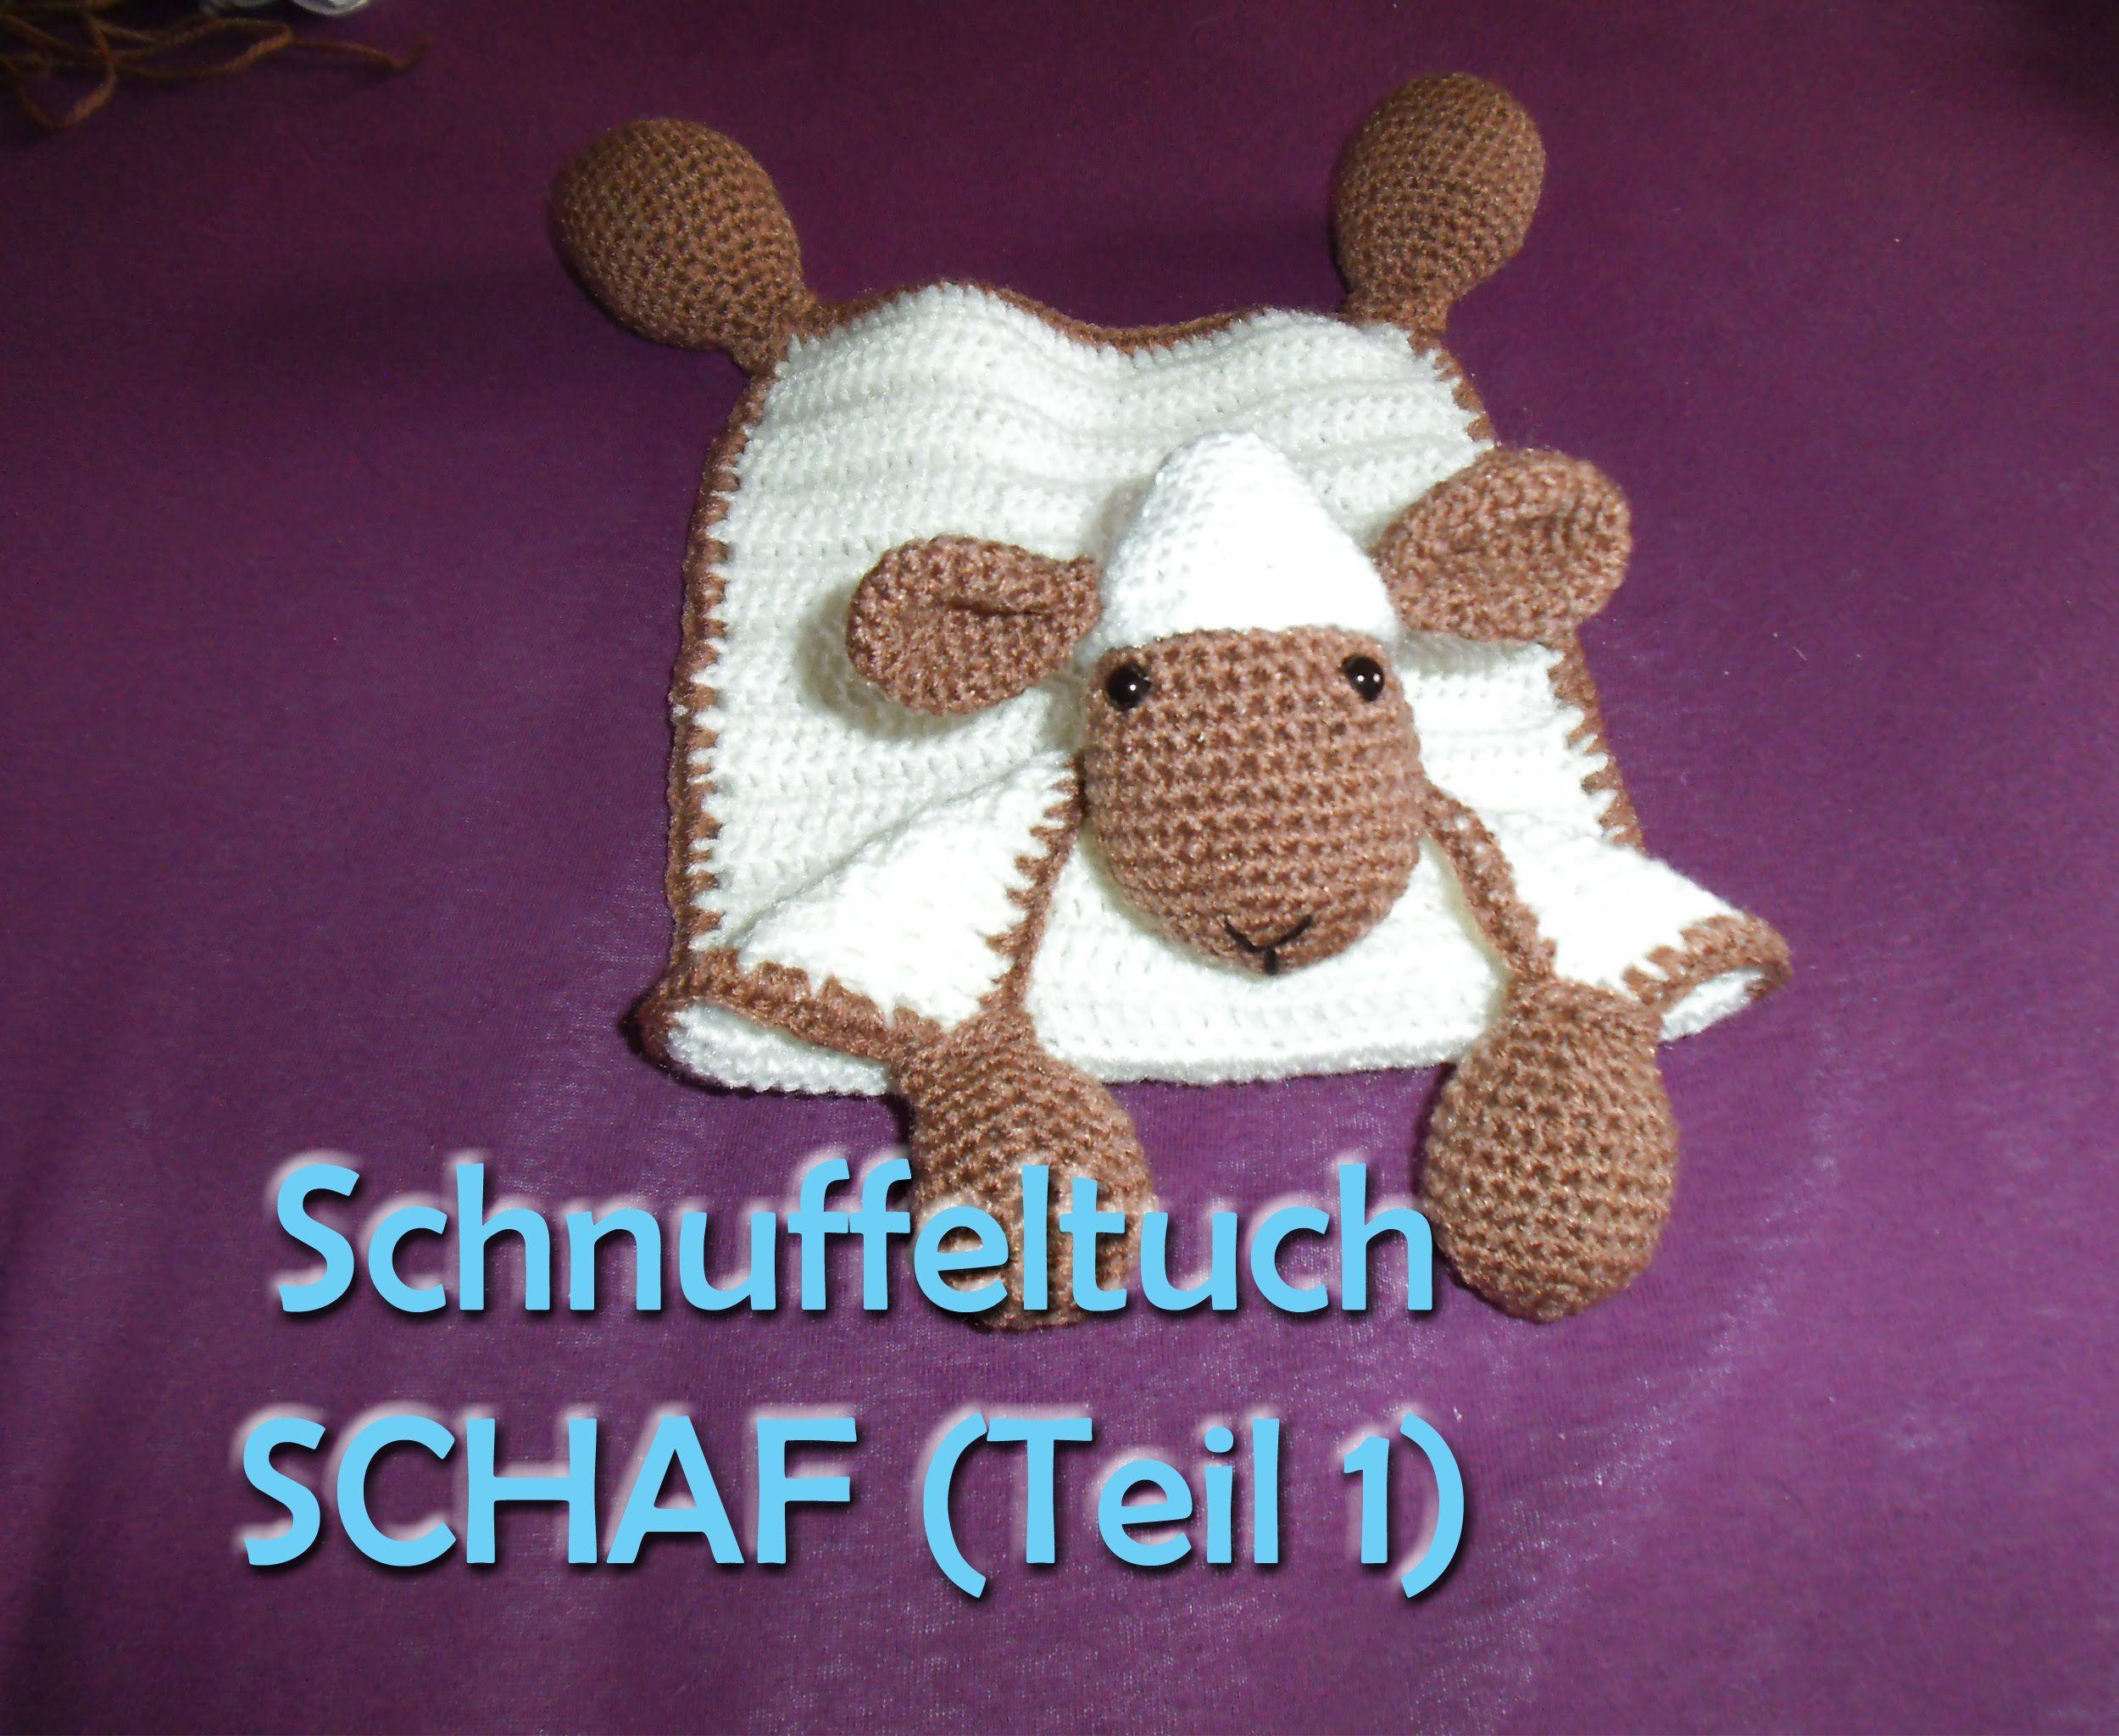 Schnuffeltuch Schaf Teil 1 - Amigurumi Häkelanleitung | لبلل ...